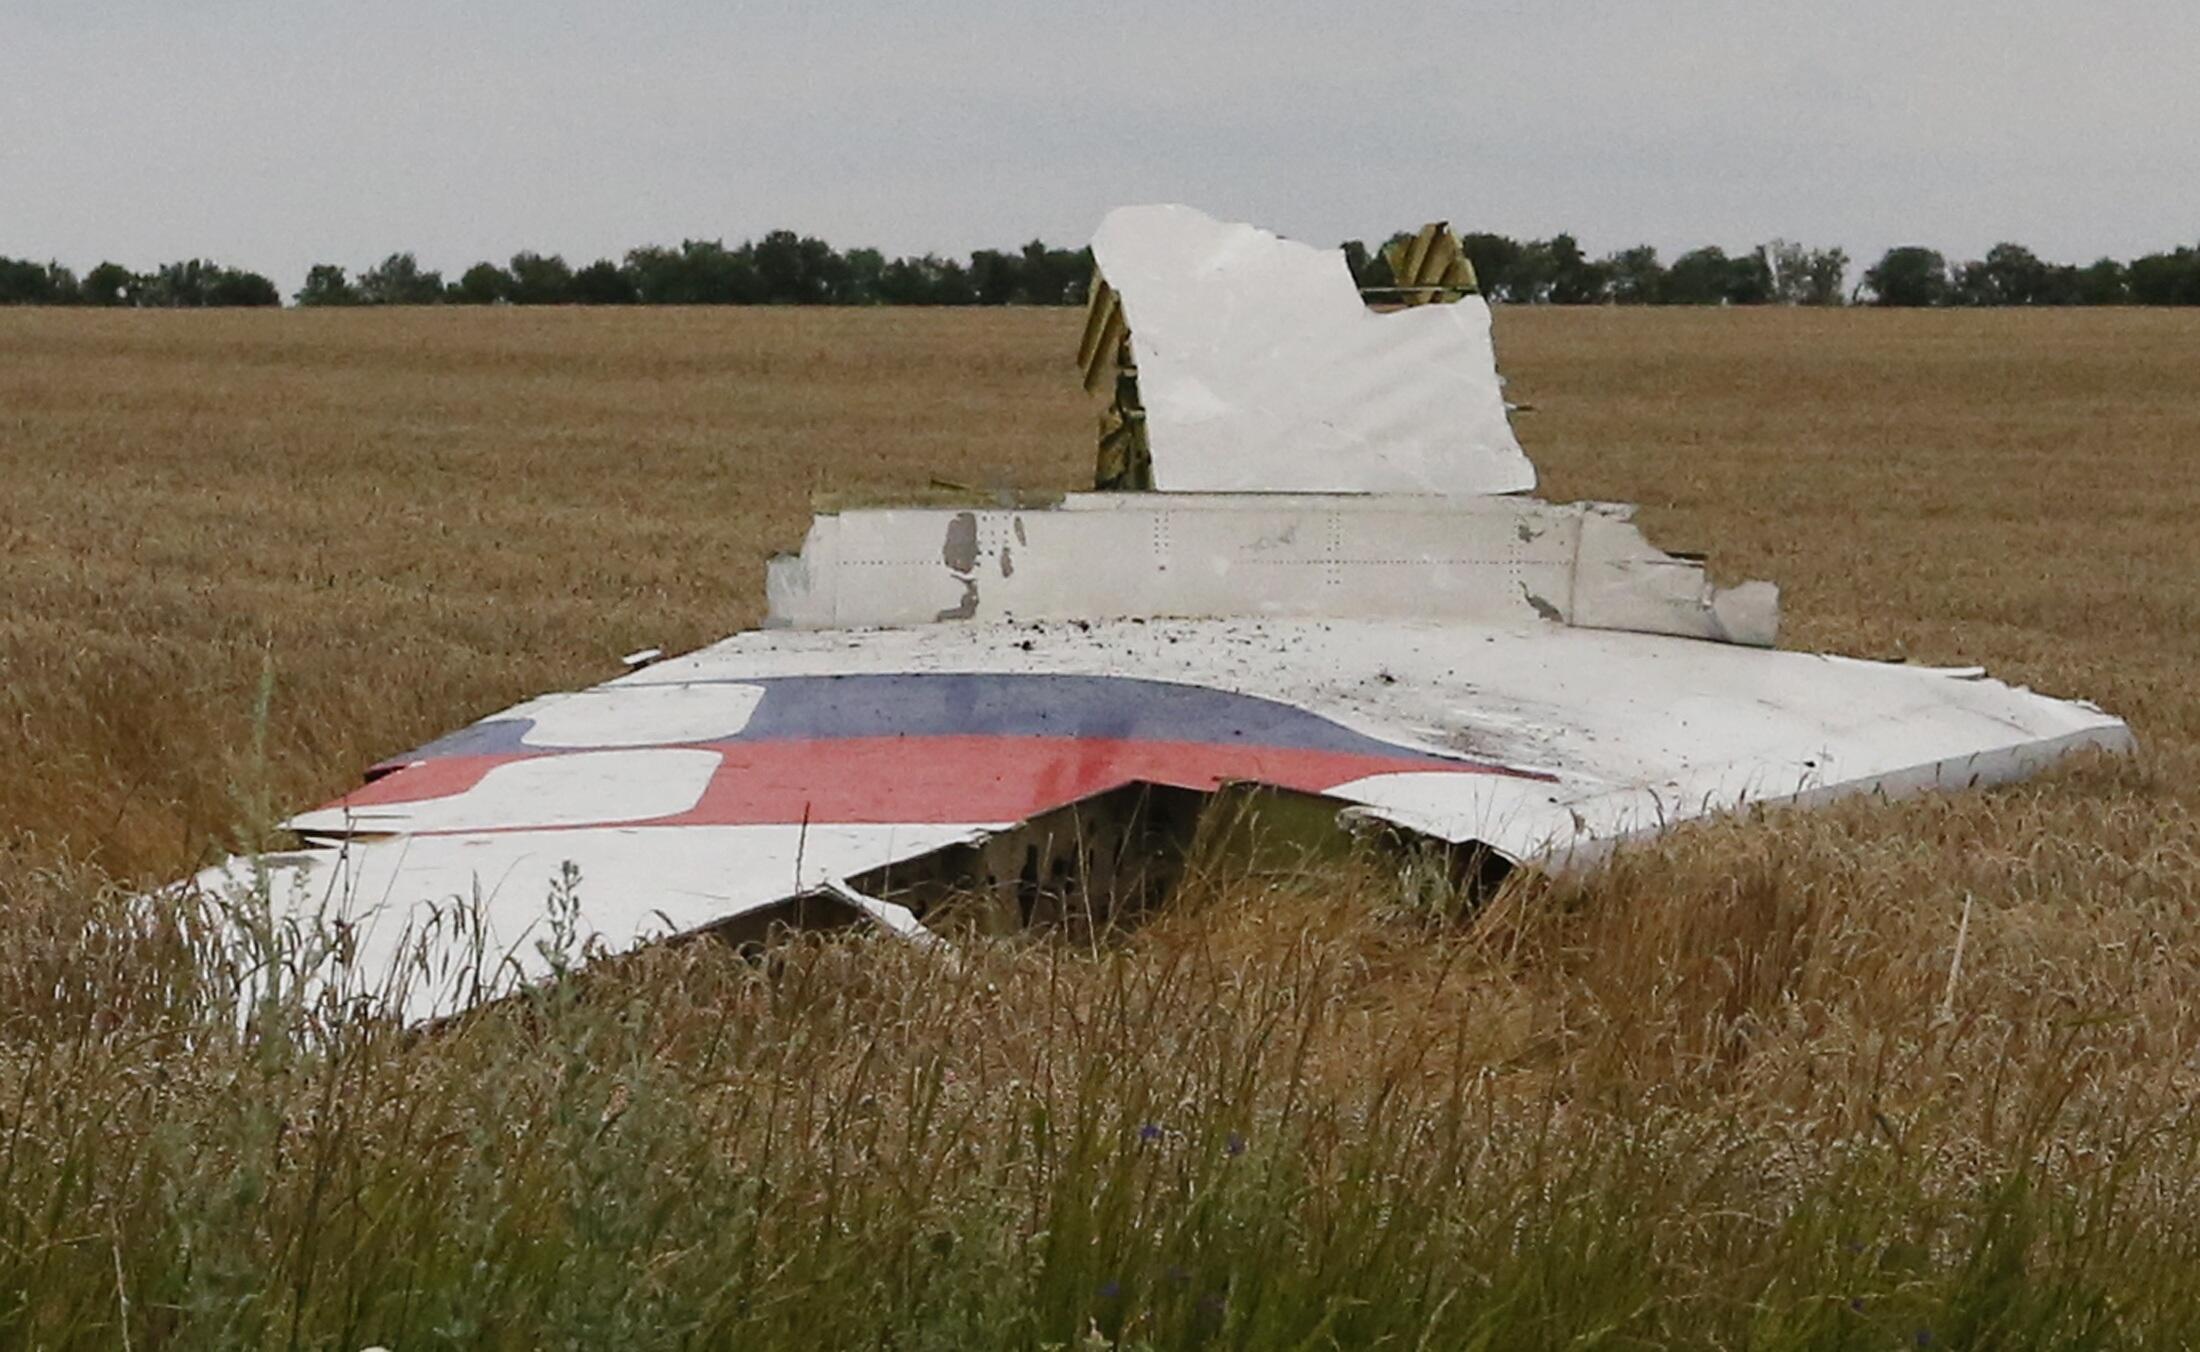 Mabaki ya Boeing 777 ya Malaysia Airlines iliyopata ajali baada ya kudunguliwa karibu na eneo la Chakhtersk, katika jimbo la Donetsk,Julai 17 mwaka 2014.